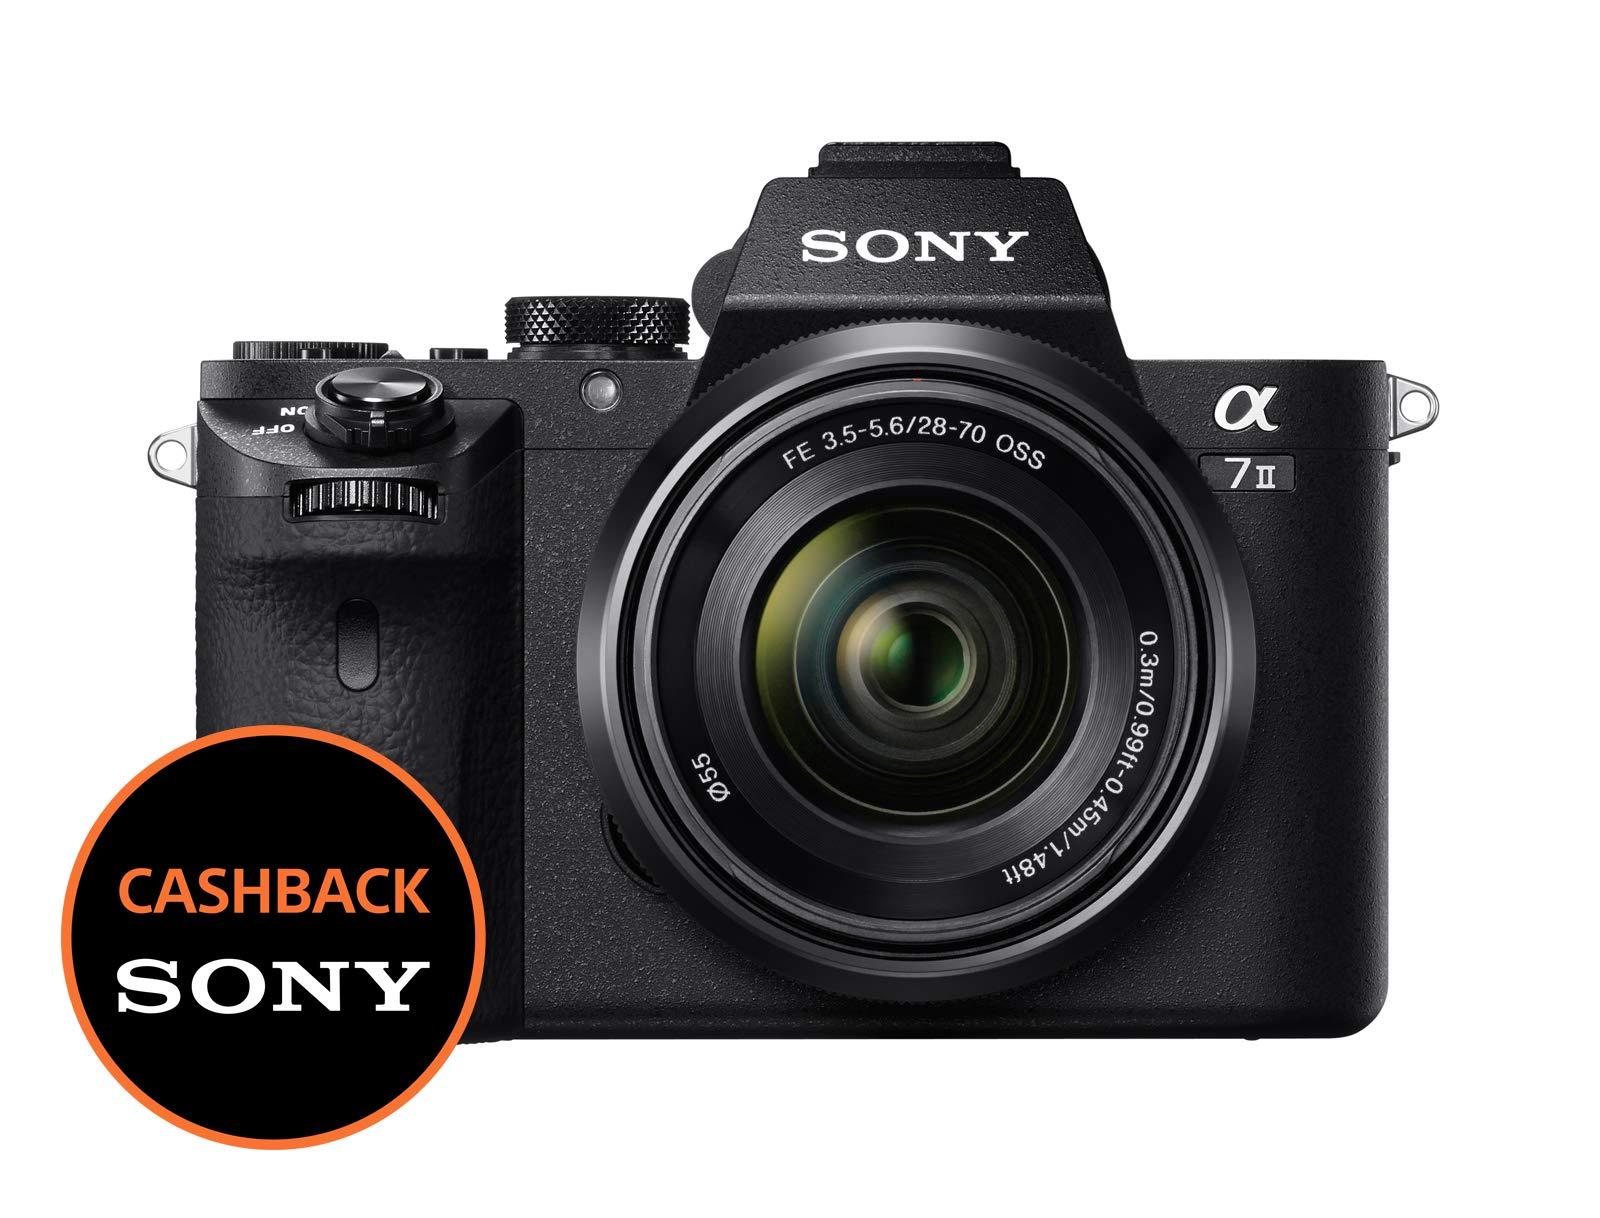 Sony Alpha 7M2K Kit Fotocamera Digitale Mirrorless Full-Frame con Obiettivo Intercambiabile SEL 28-70 mm, Sensore CMOS Exmor Full-Frame da 24.3 MP, Stabilizzazione Integrata a 5 Assi, Nero product image